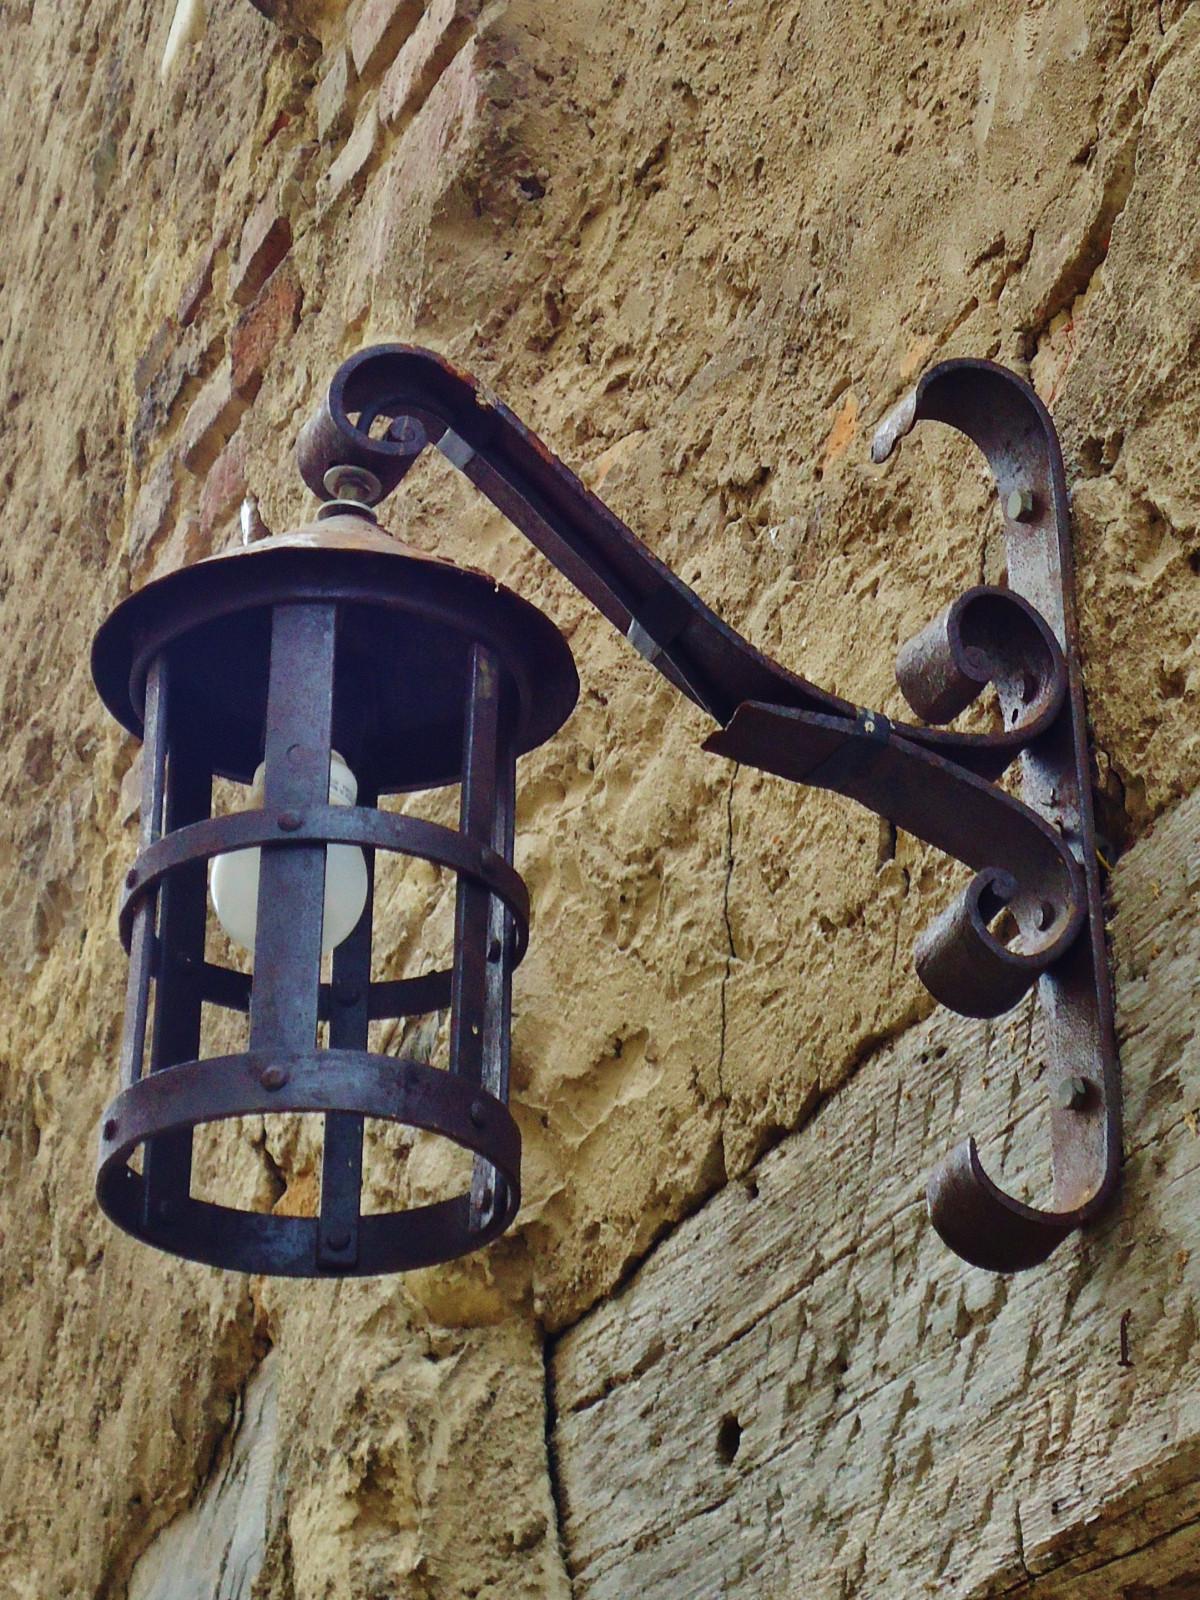 Gratuites lumi¨re bois village France lanterne rouge